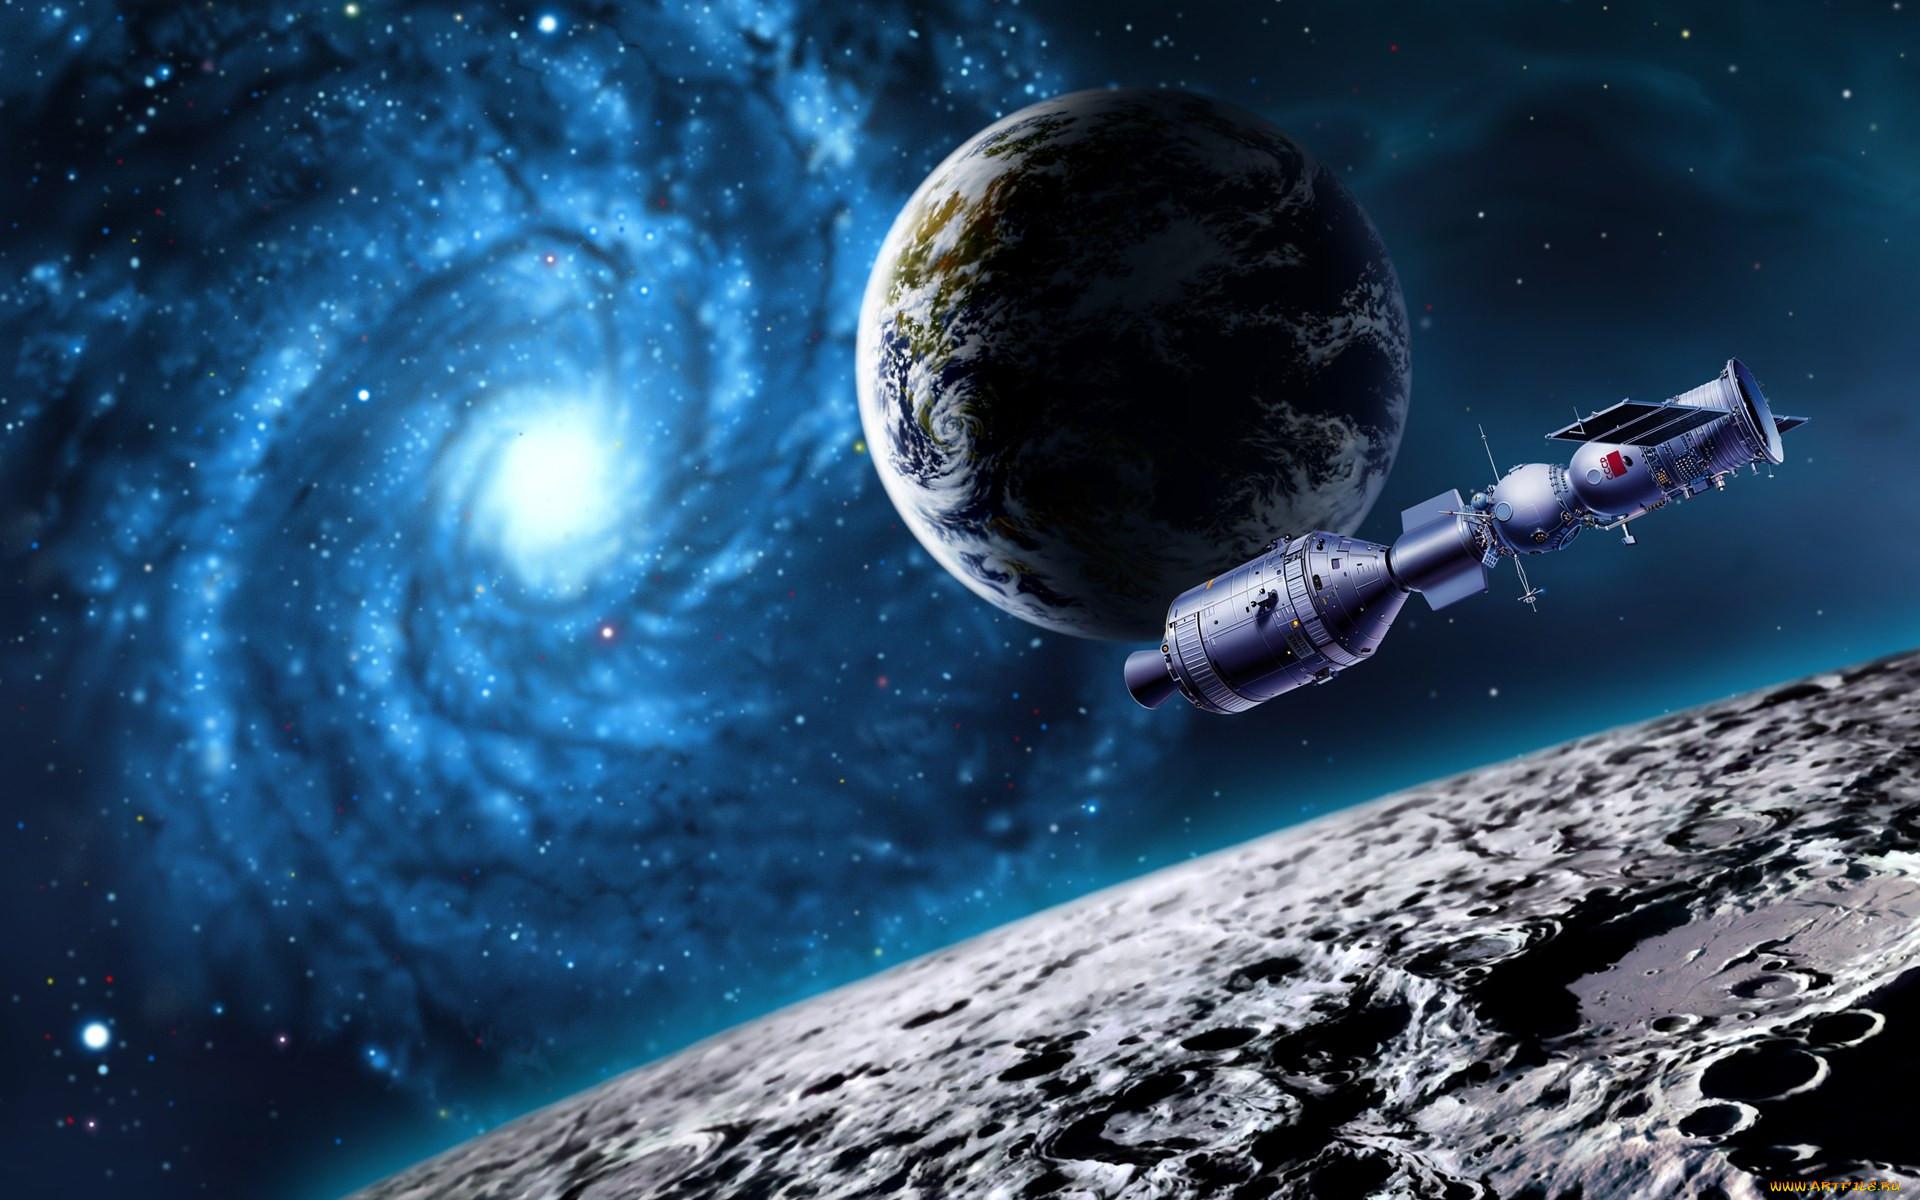 фэнтези, космические корабли,  звездолеты,  станции, космос, корабль, планеты